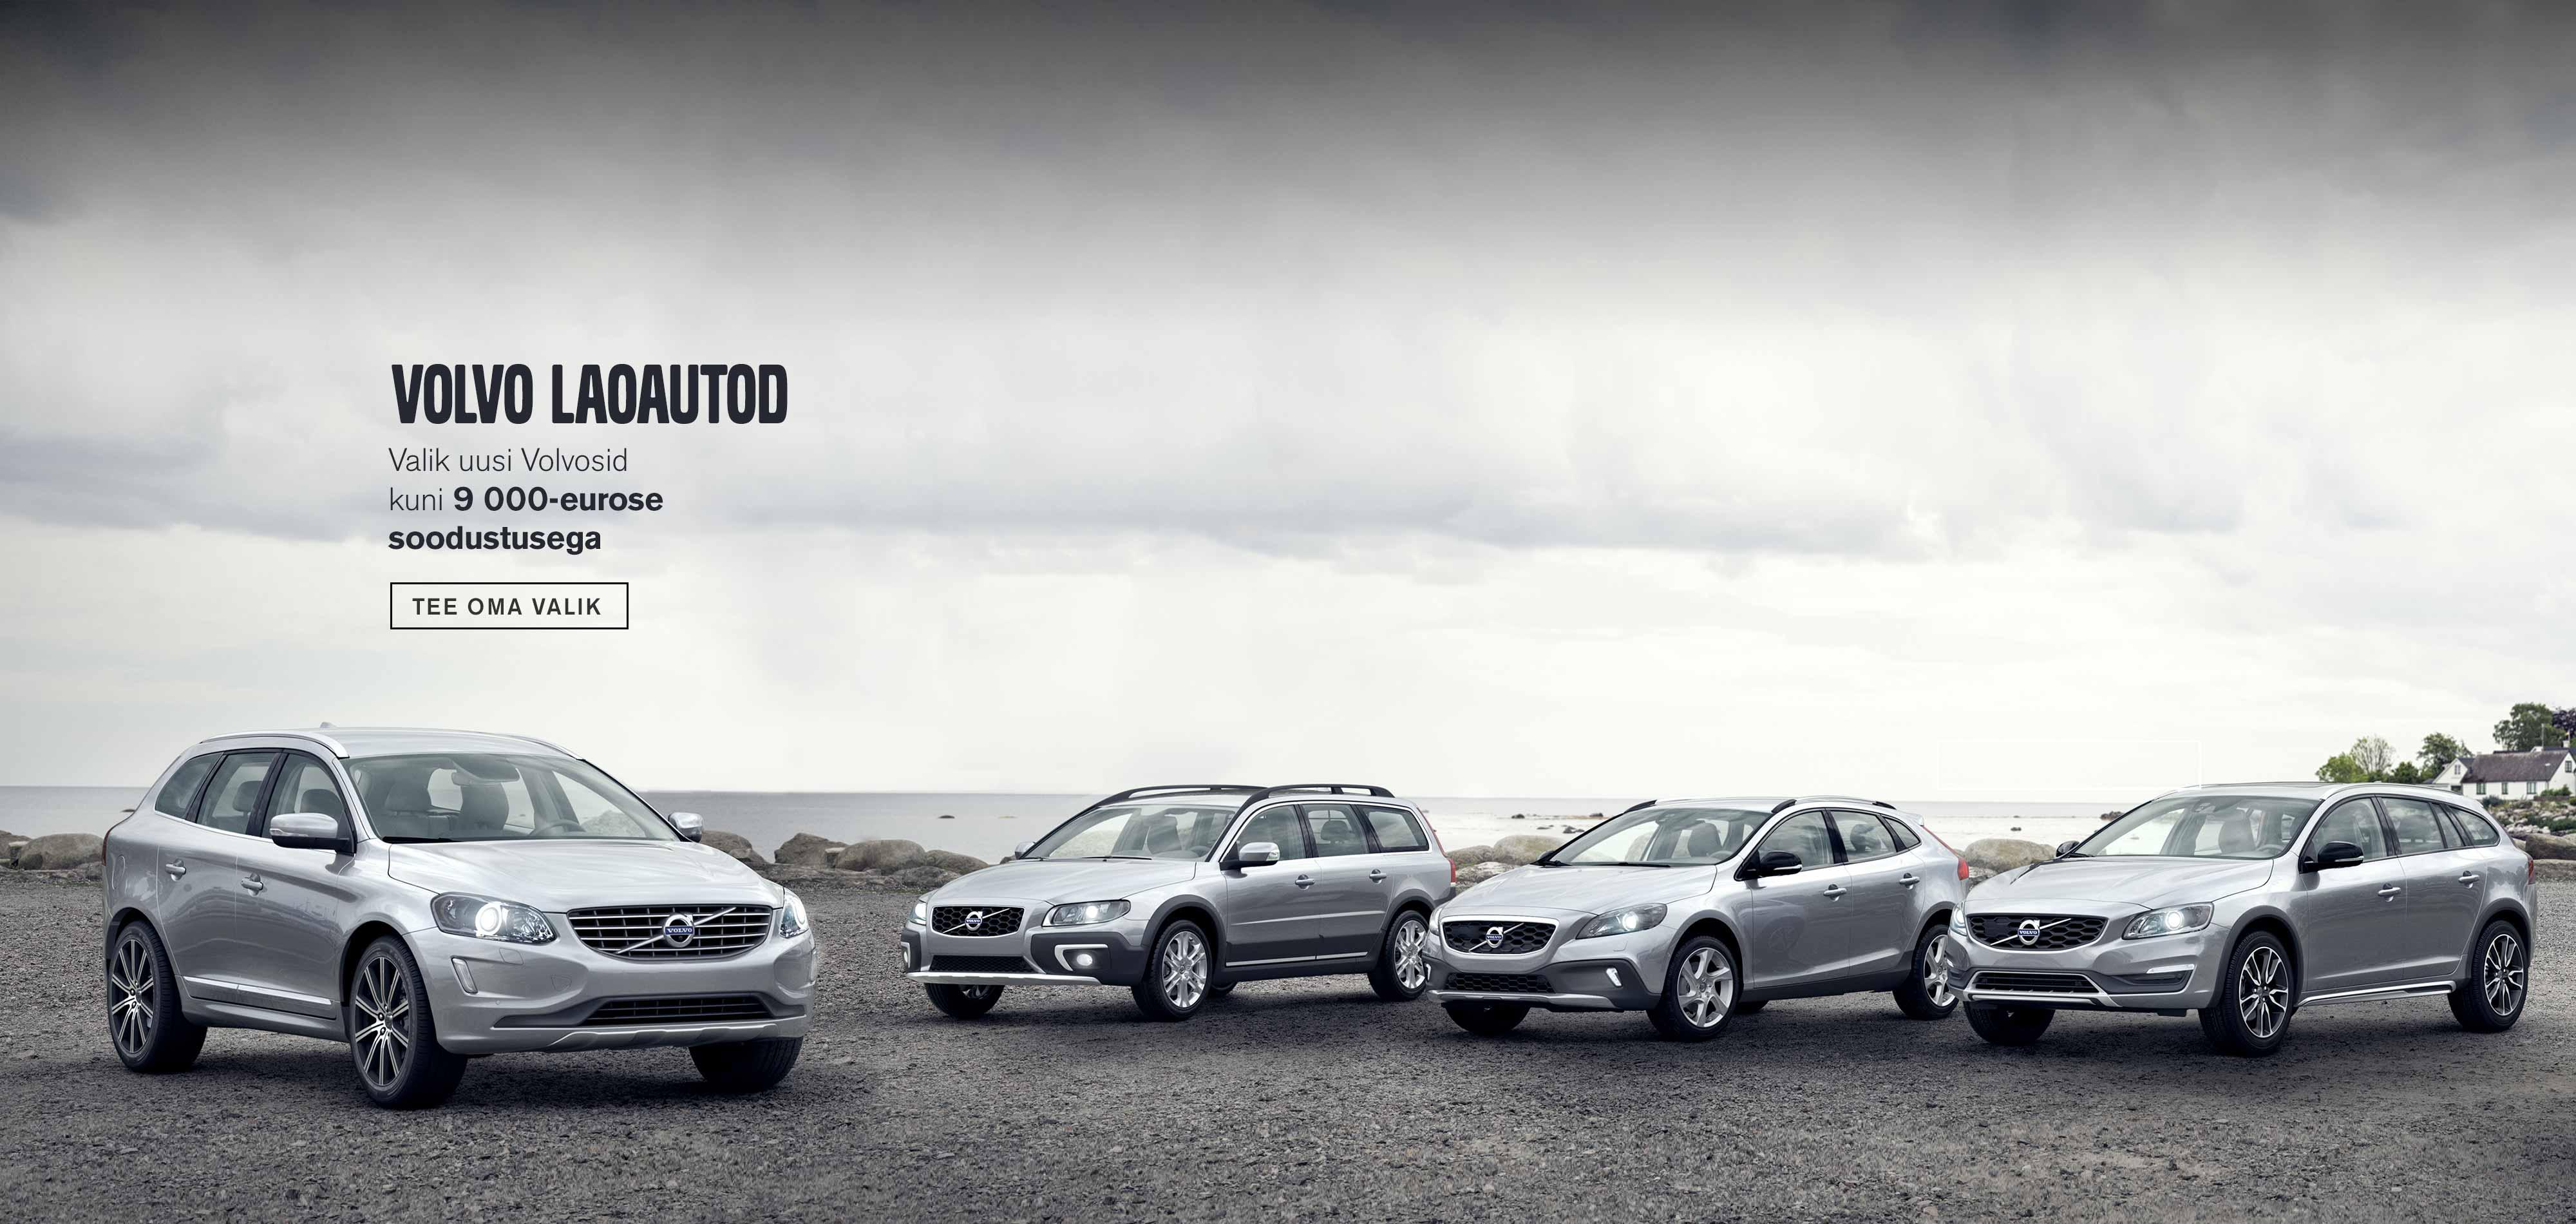 Volvo laoautod